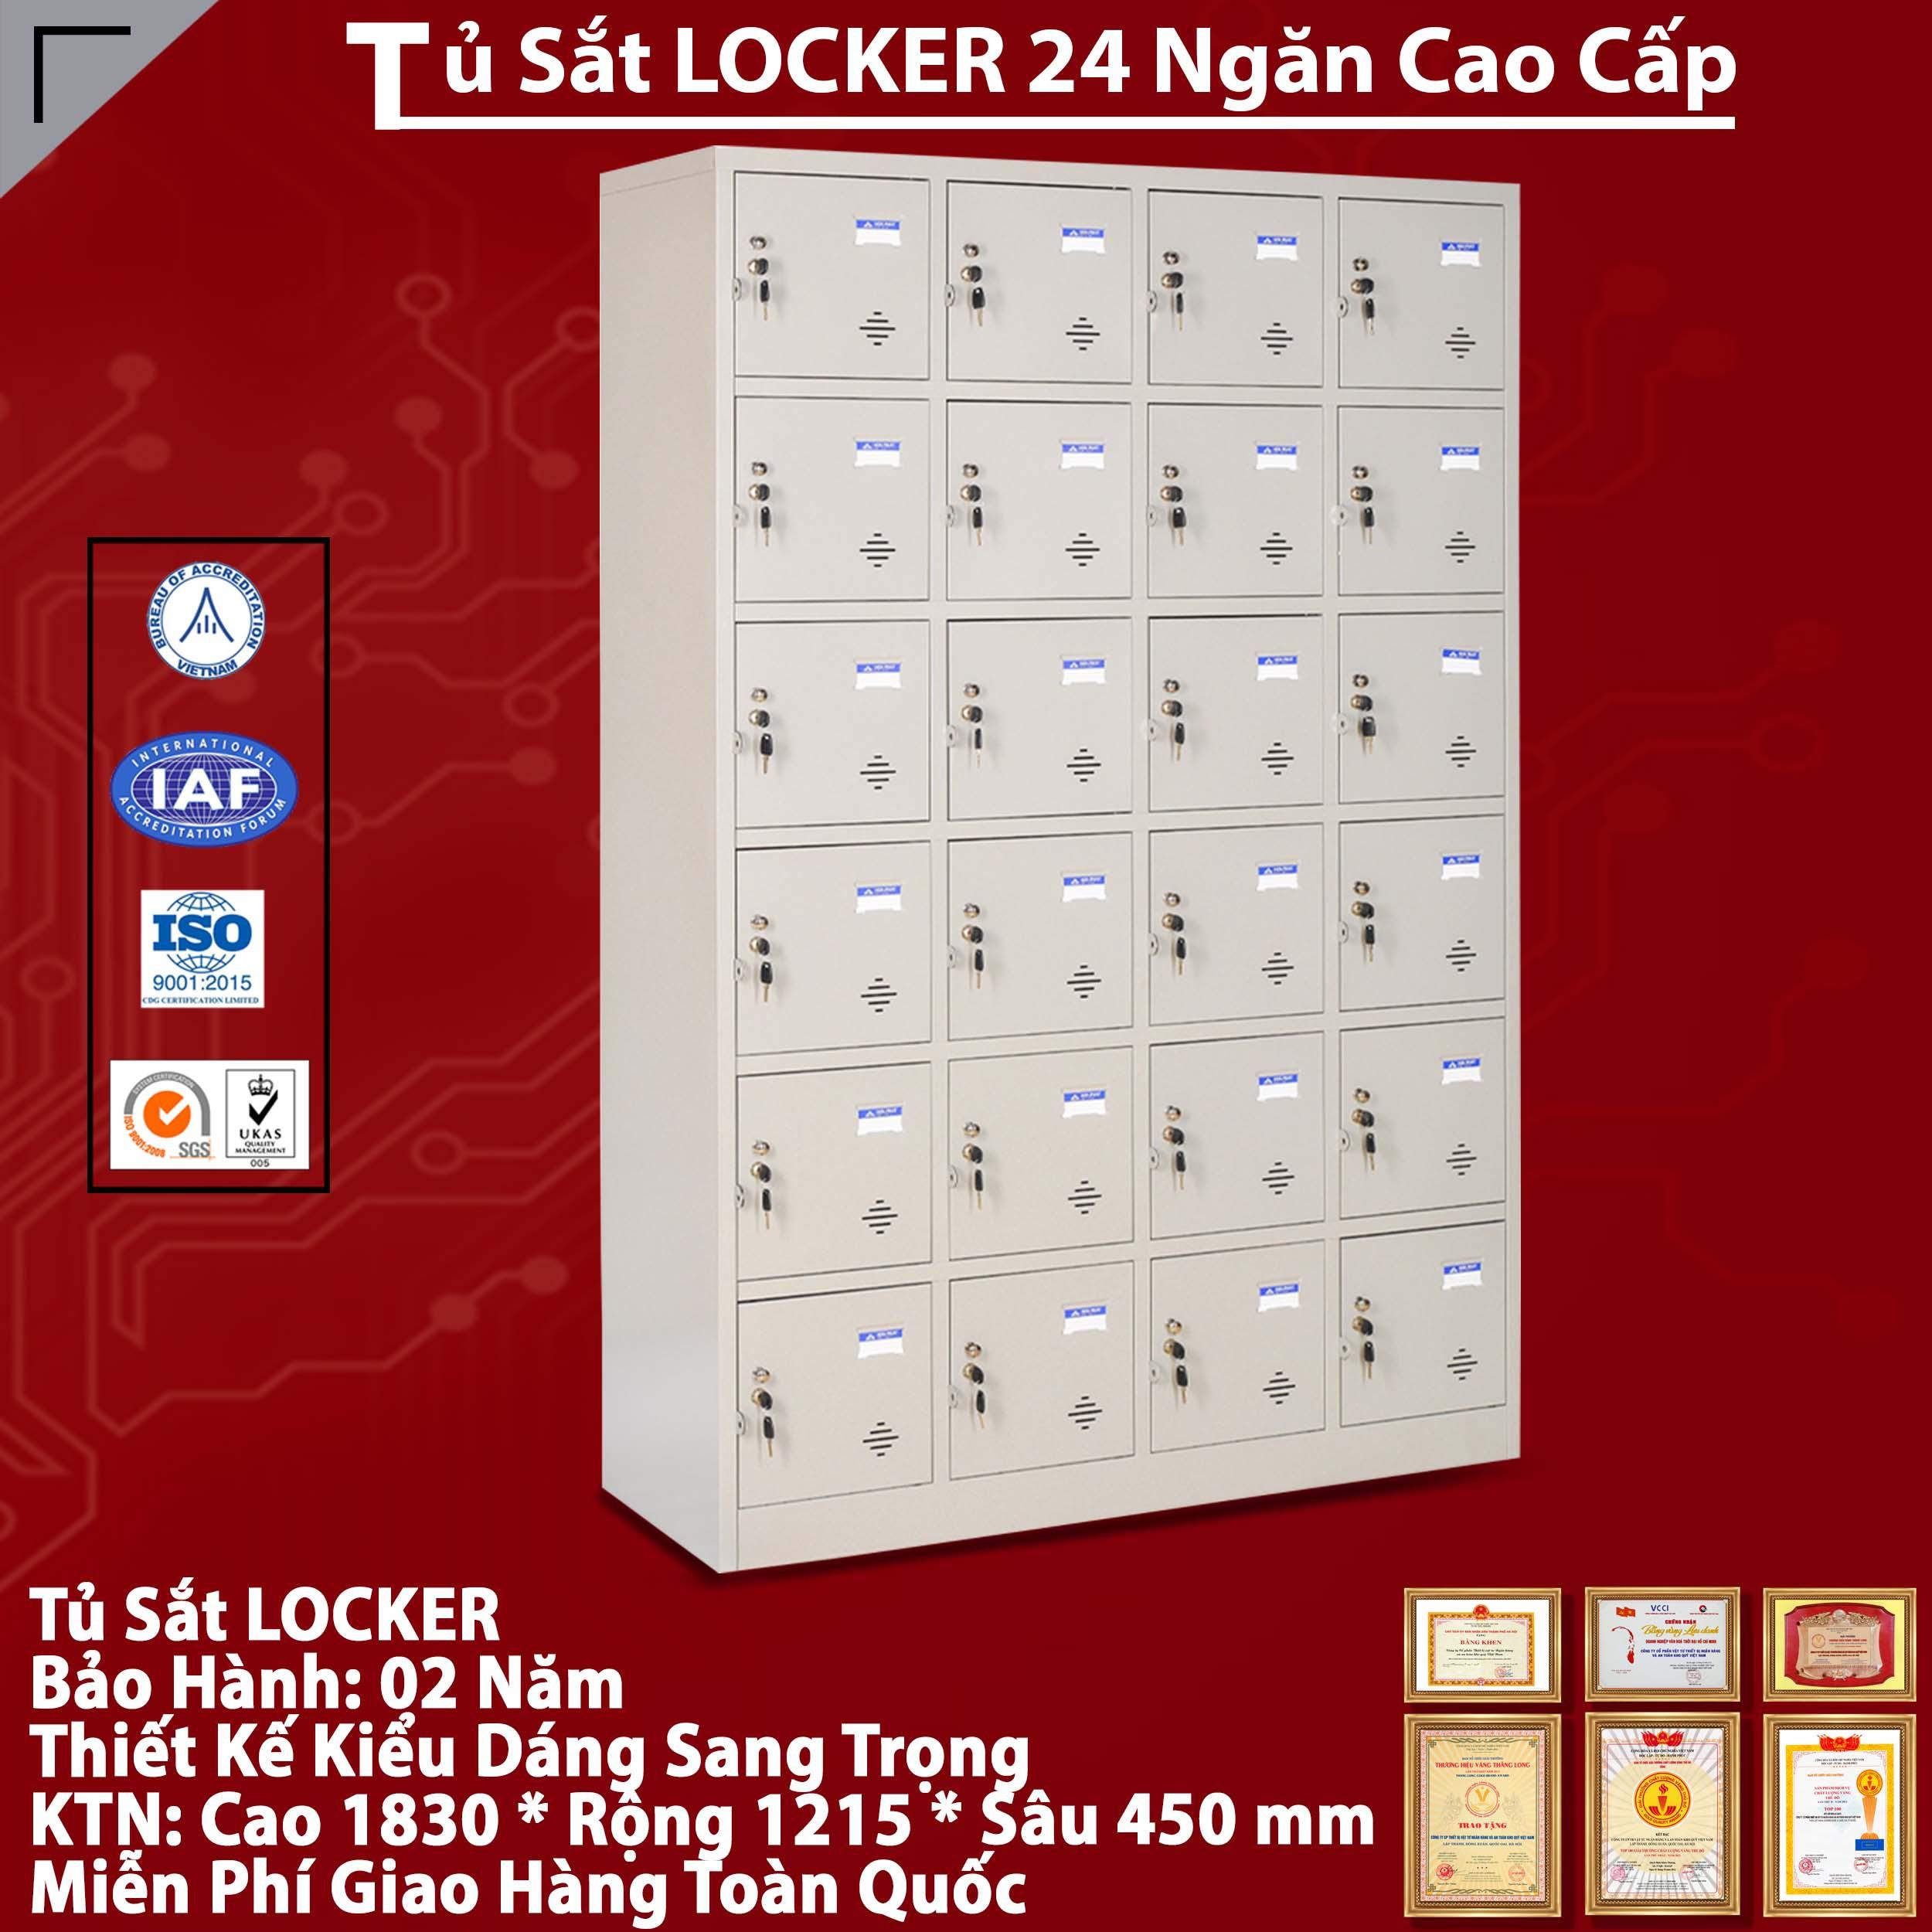 Nơi bán Tủ sắt locker TU986-4K giá rẻ nhất